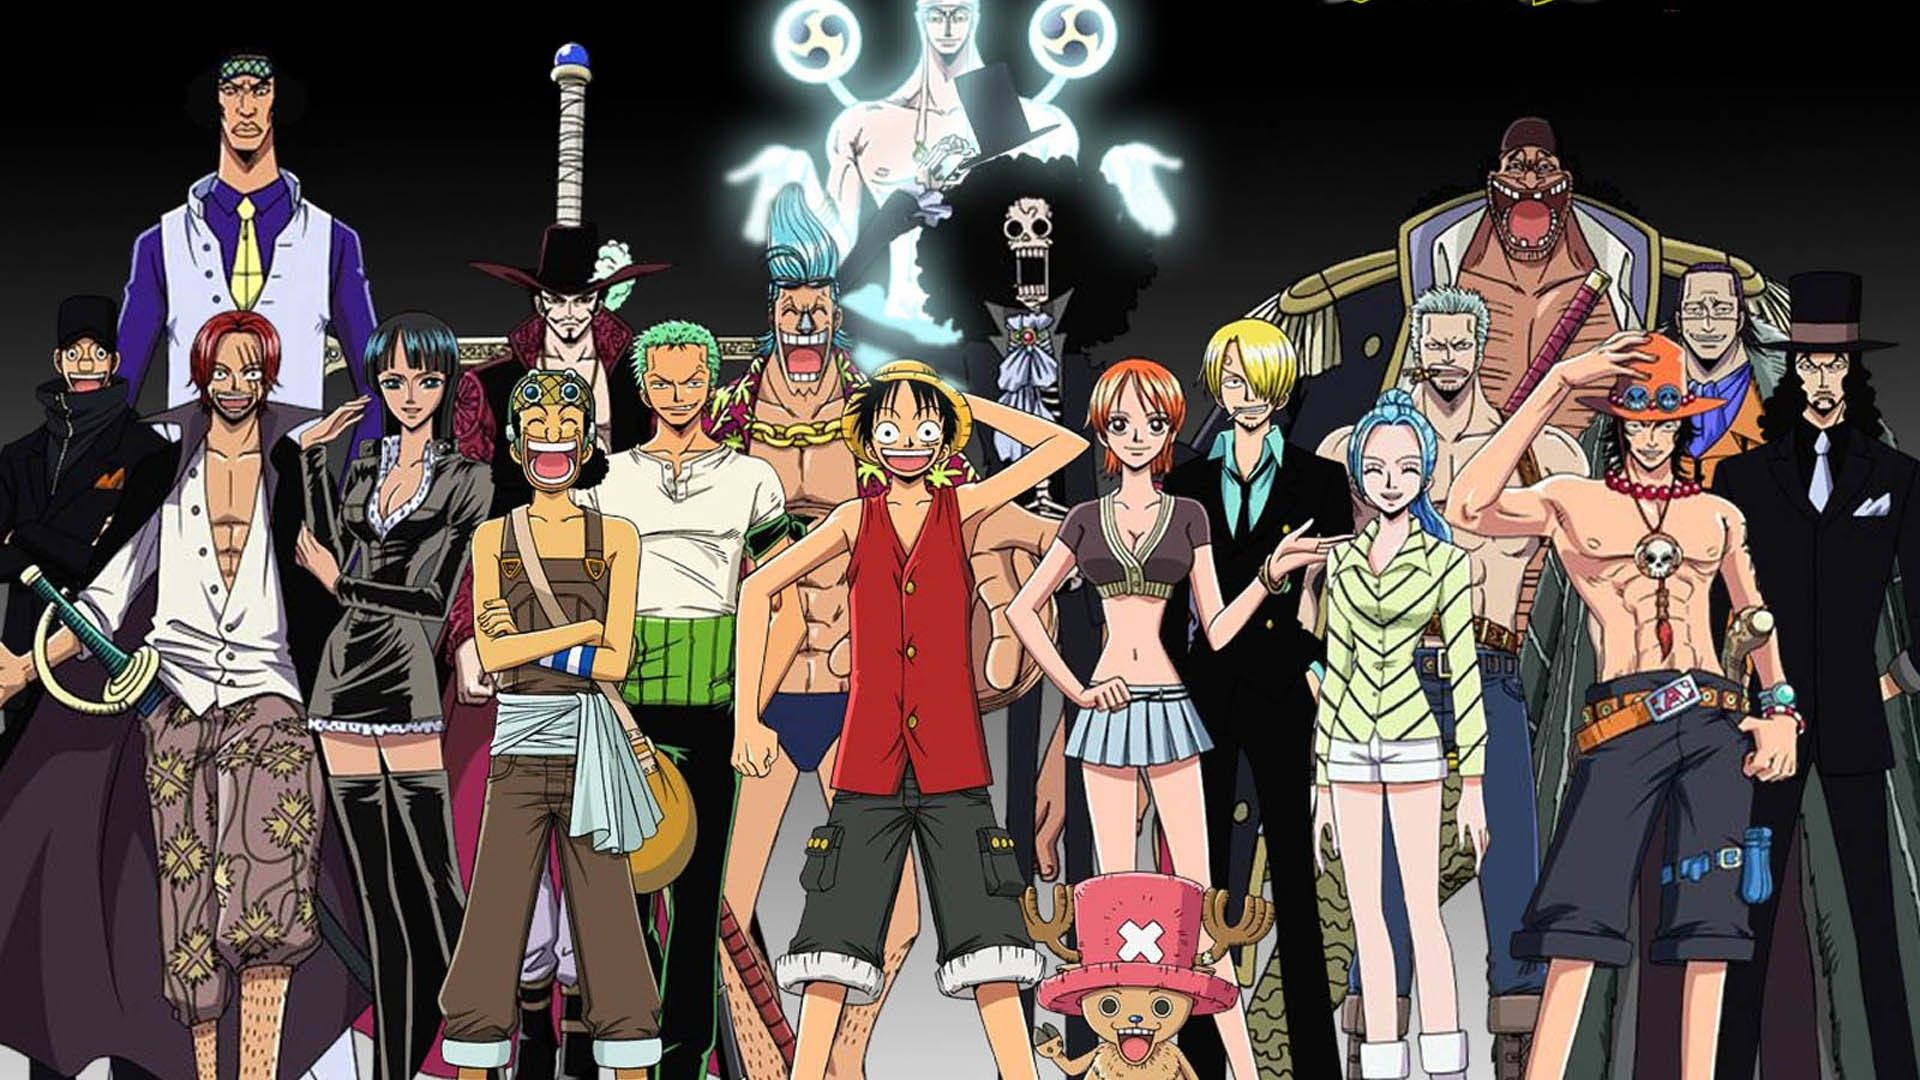 Best Of One Piece Wallpaper For Macbook Pro One Piece Crew Manga Anime One Piece One Piece Manga Anime wallpaper hd one piece